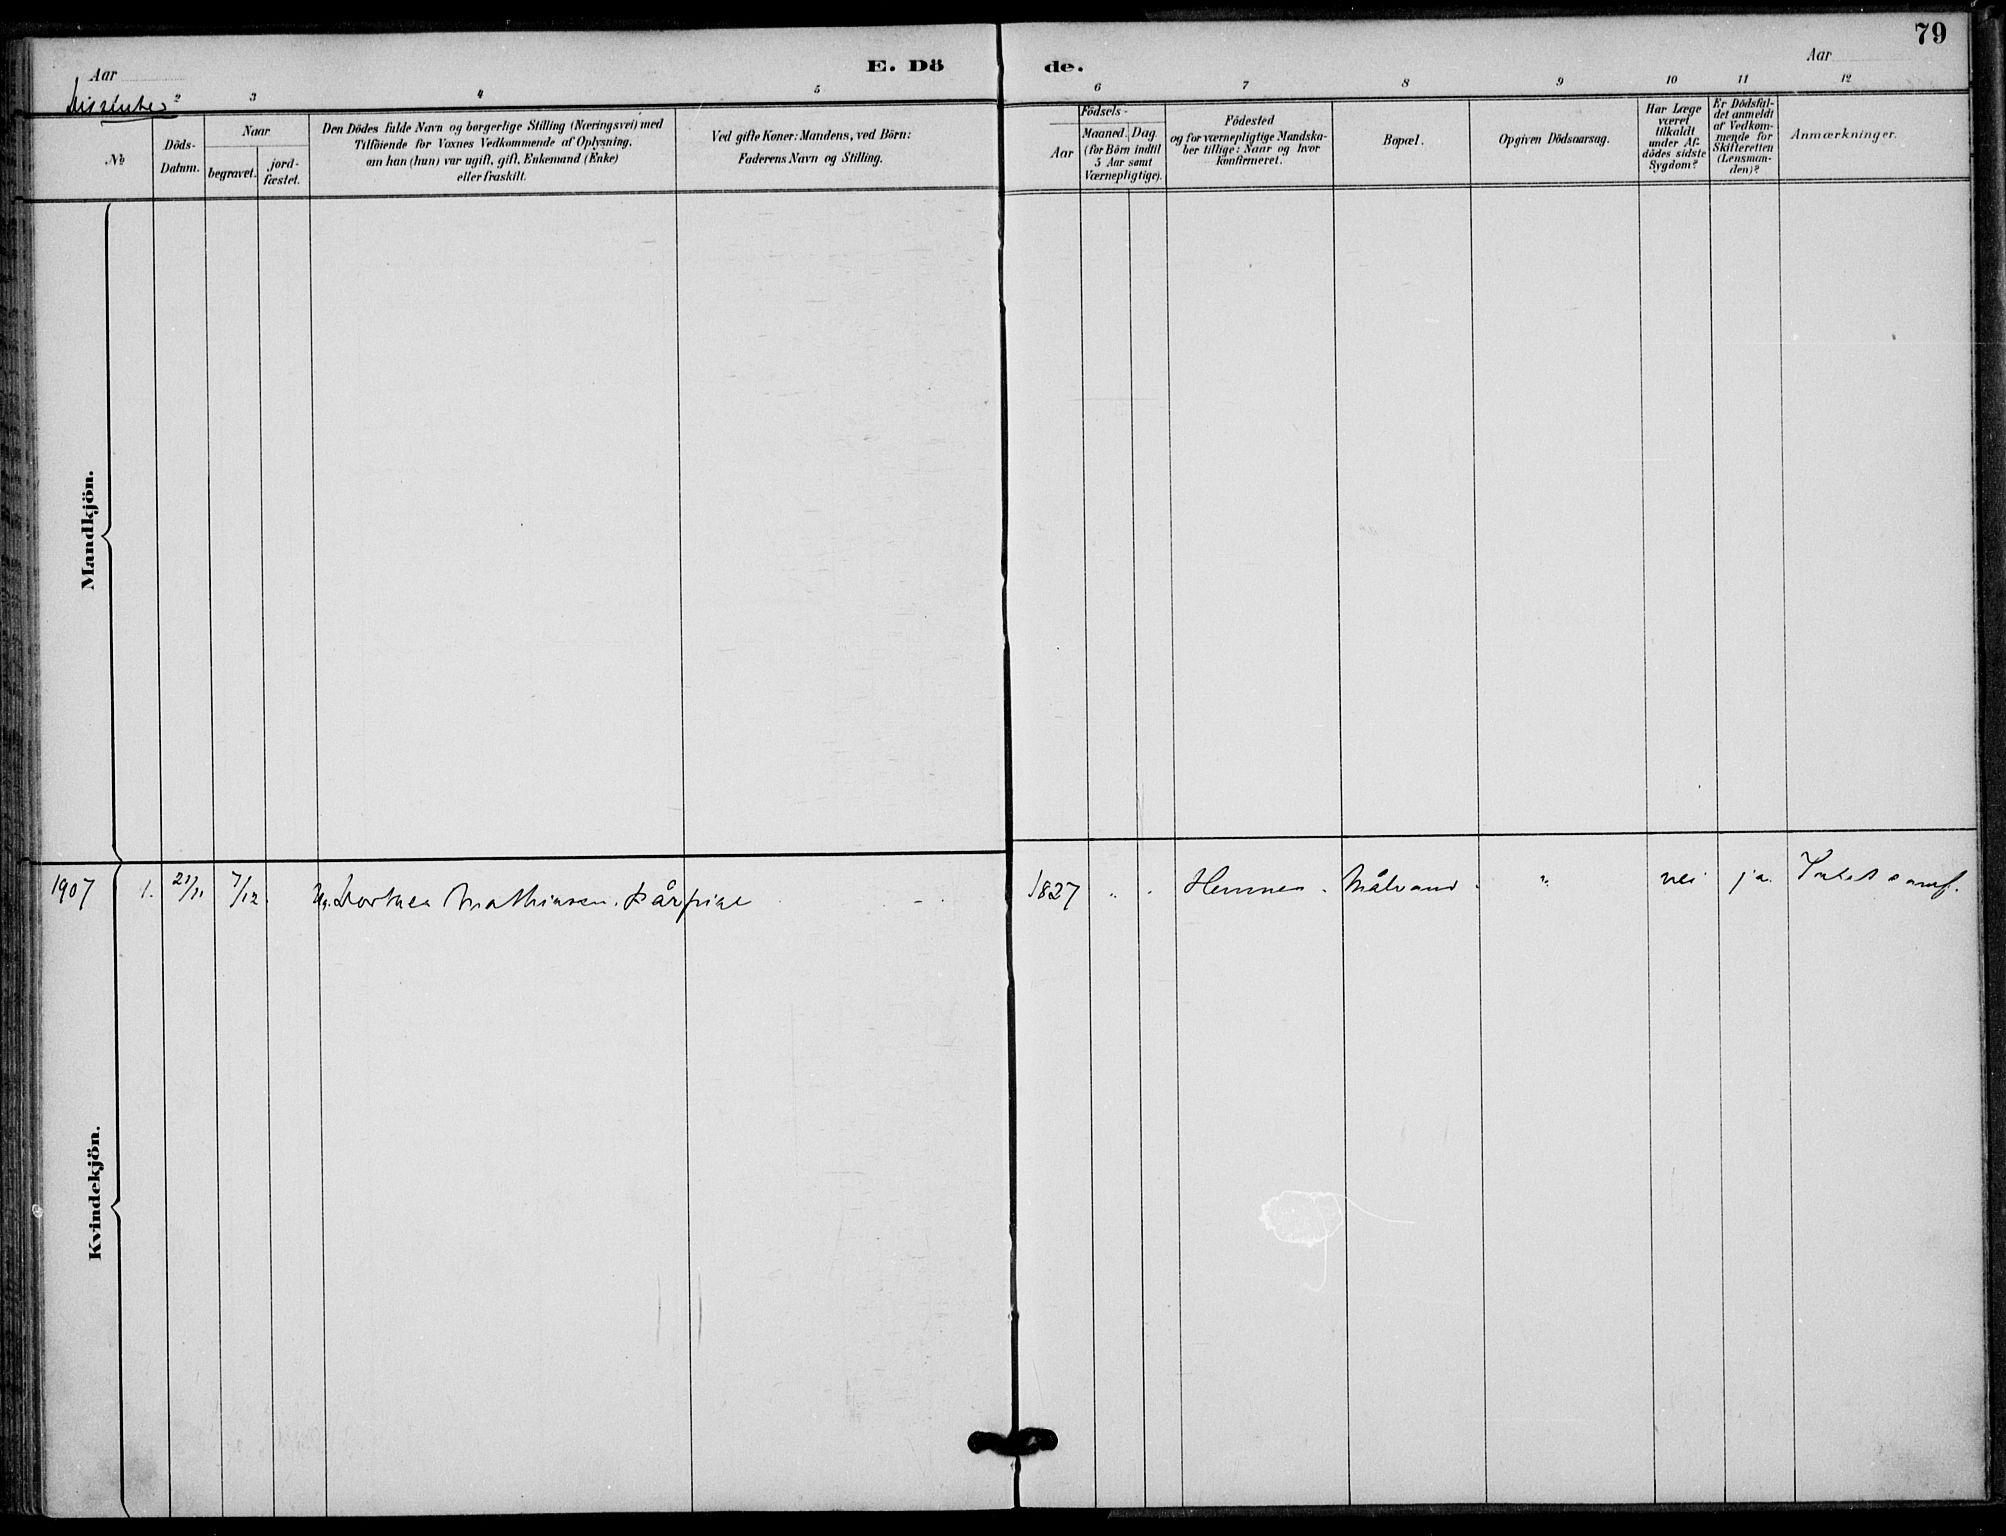 SAT, Ministerialprotokoller, klokkerbøker og fødselsregistre - Nordland, 825/L0363: Parish register (official) no. 825A17, 1890-1909, p. 79